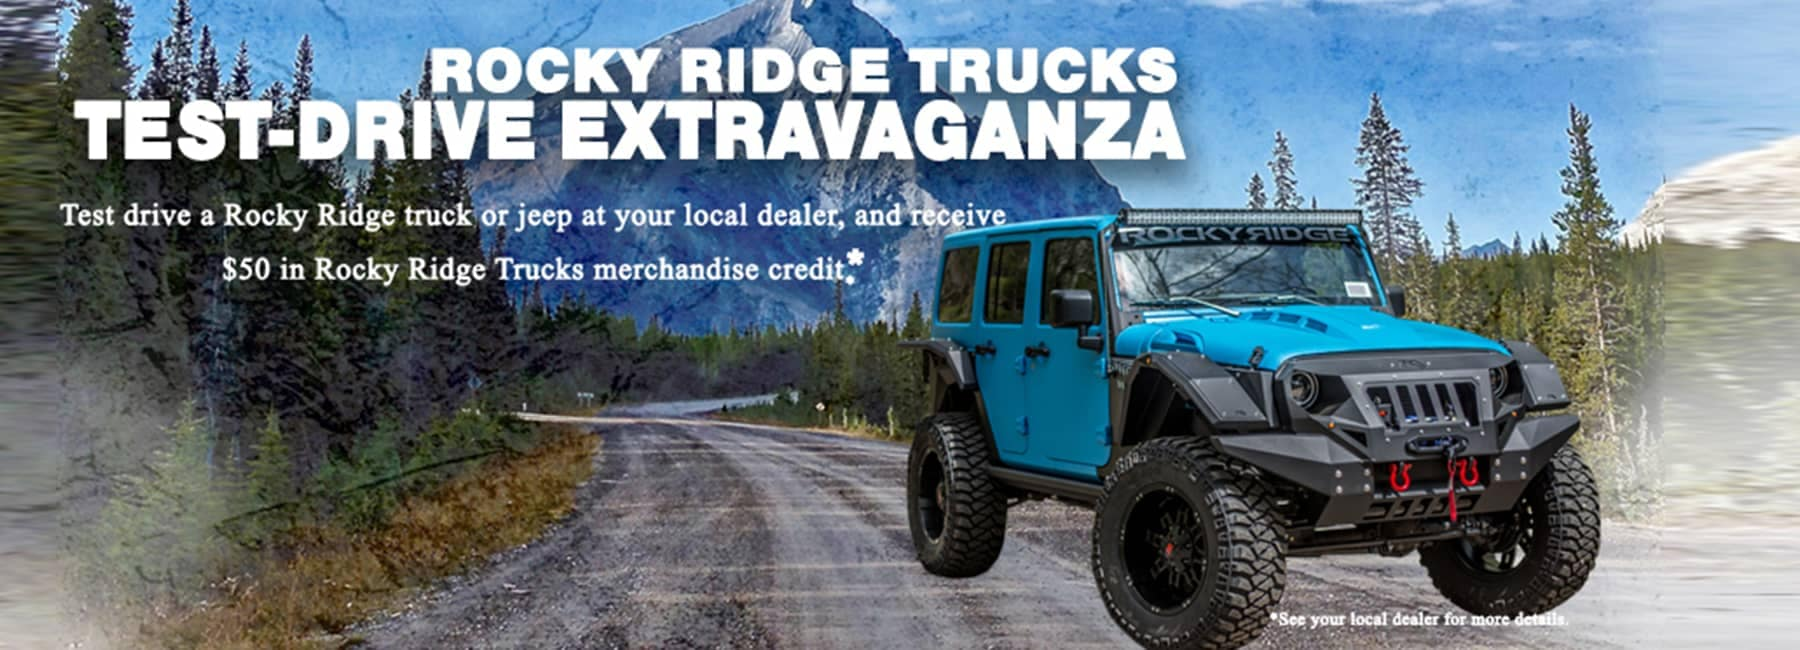 Rocky Ridge Trucks Test Drive Extravaganza